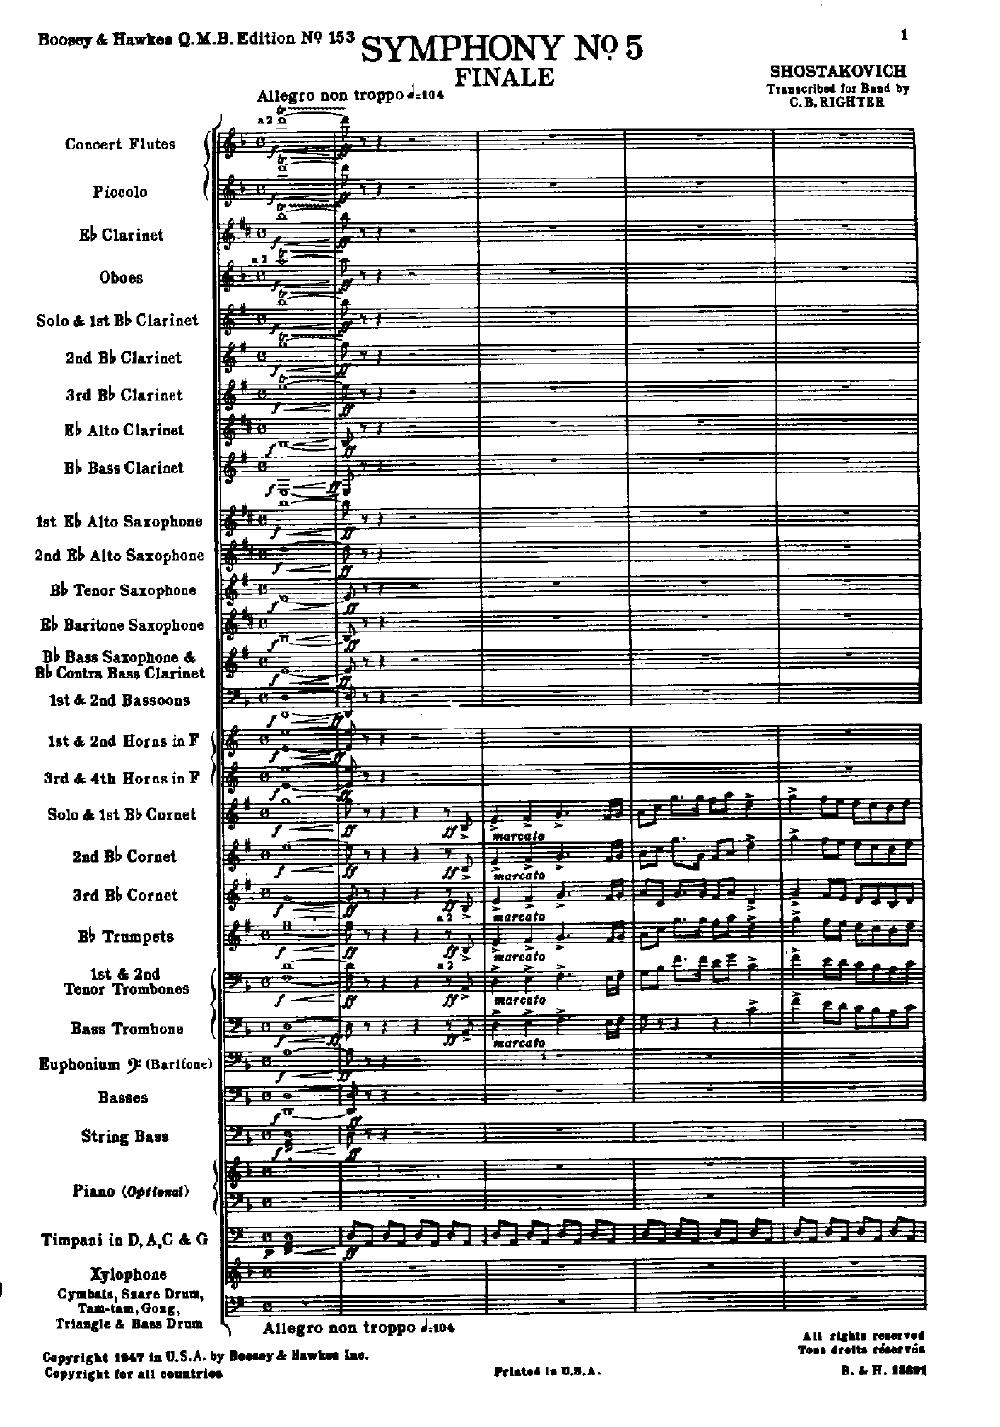 Symphony No  5 by Dmitri Shostakovich/arr  Righter  J W